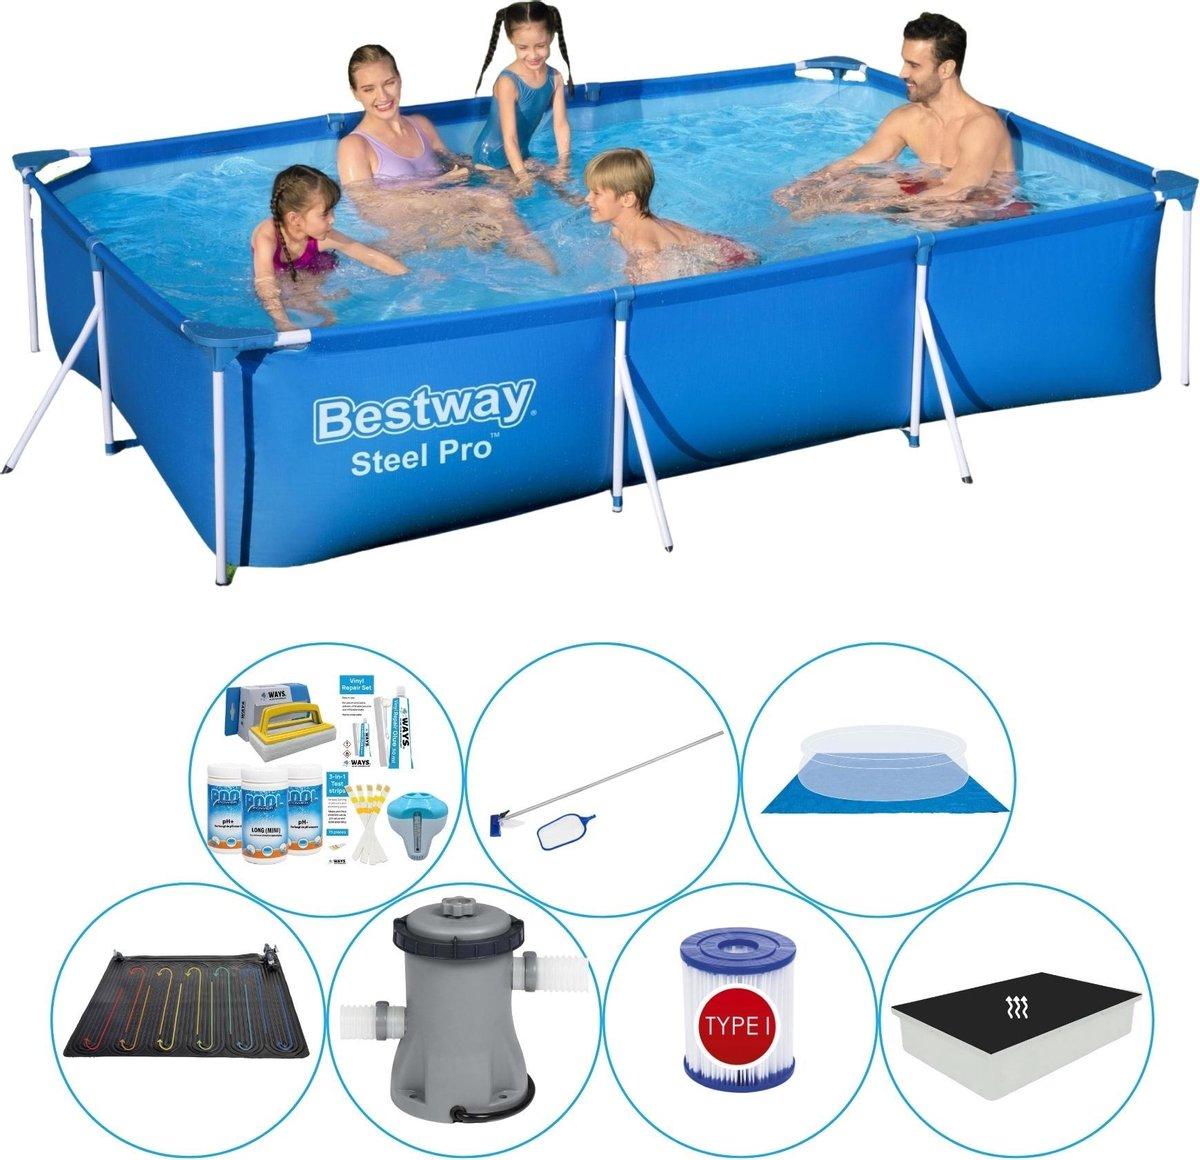 Bestway Steel Pro Rechthoekig Zwembad - 300 x 201 x 66 cm - Blauw - Met Accessoires - Voordeelpakket